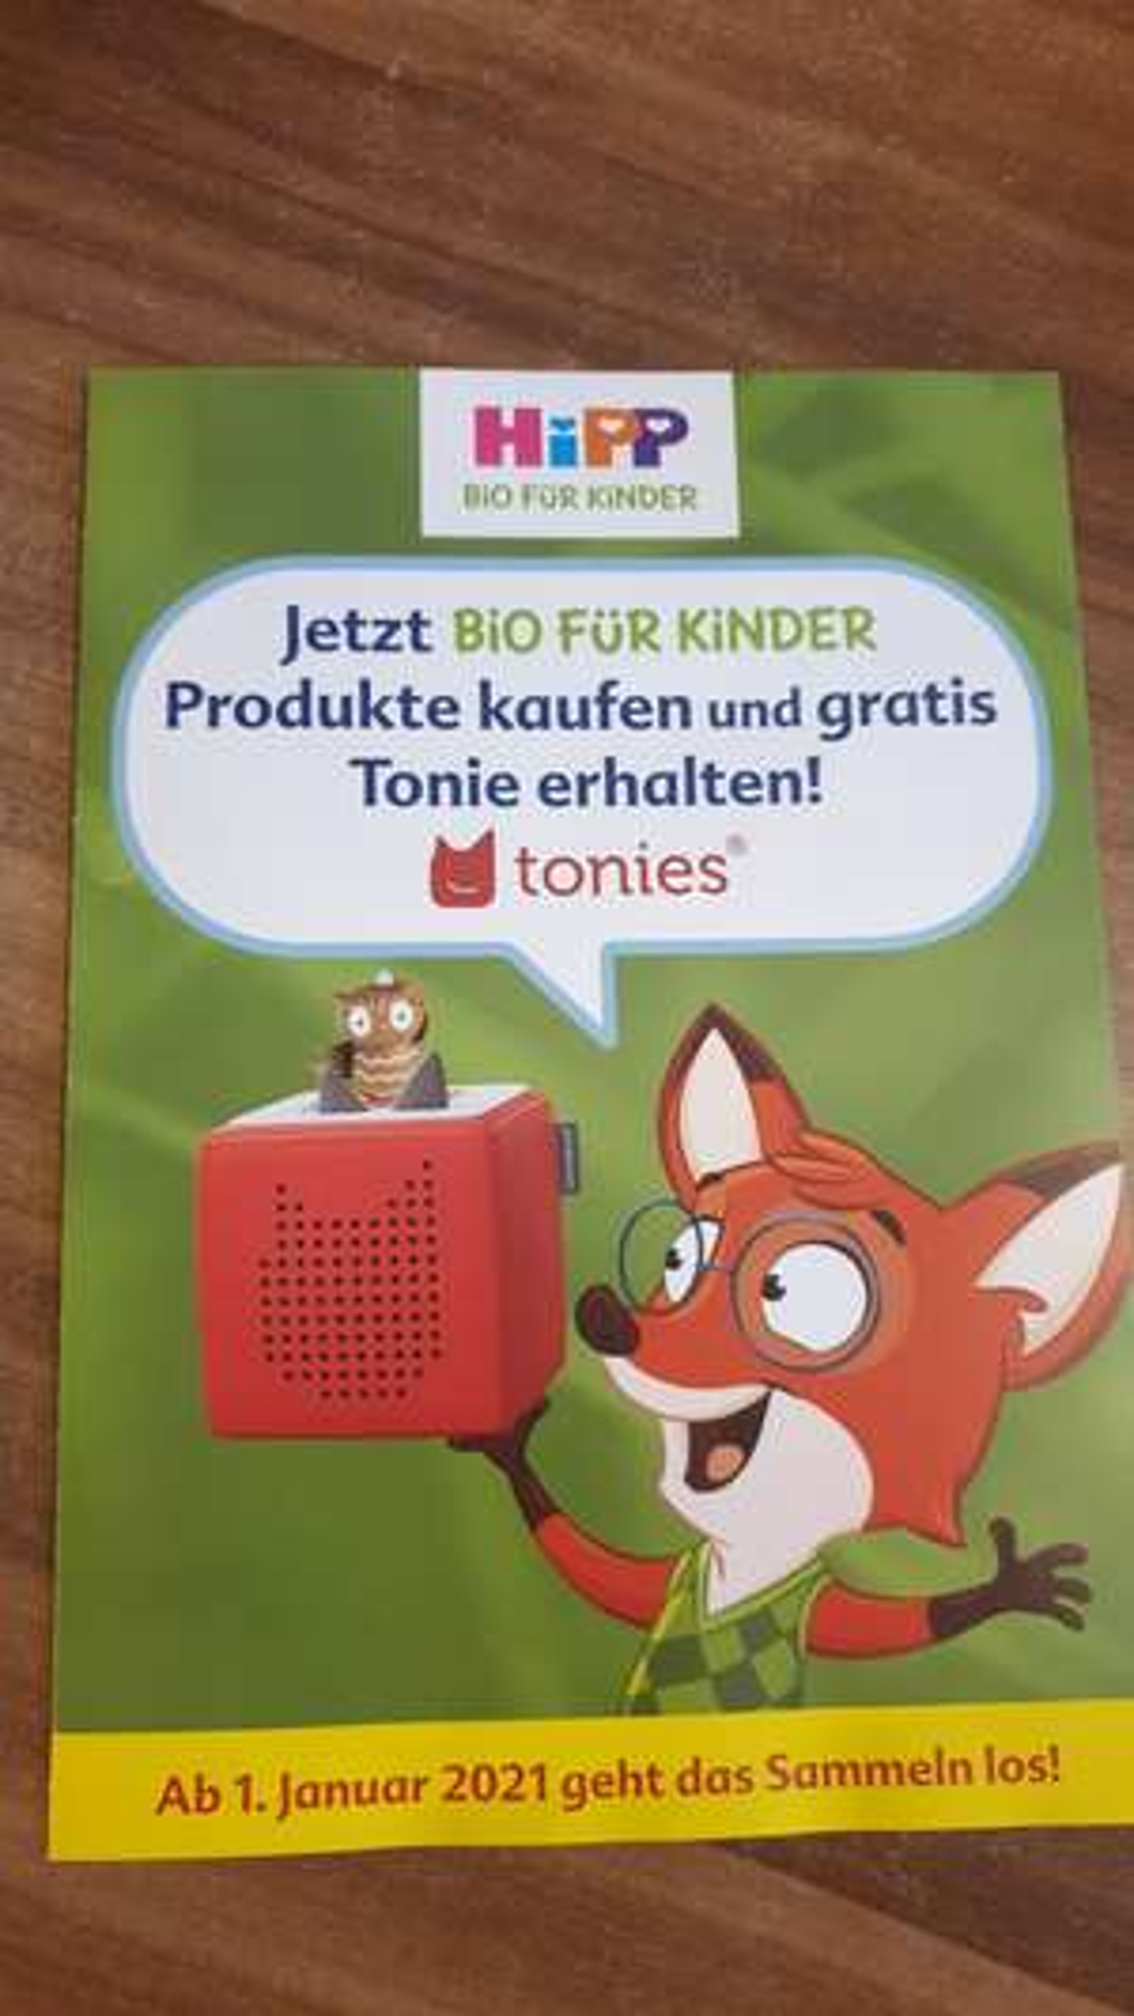 Gratis Tonie beim Kauf von Hipp Bio Produkten für 50€